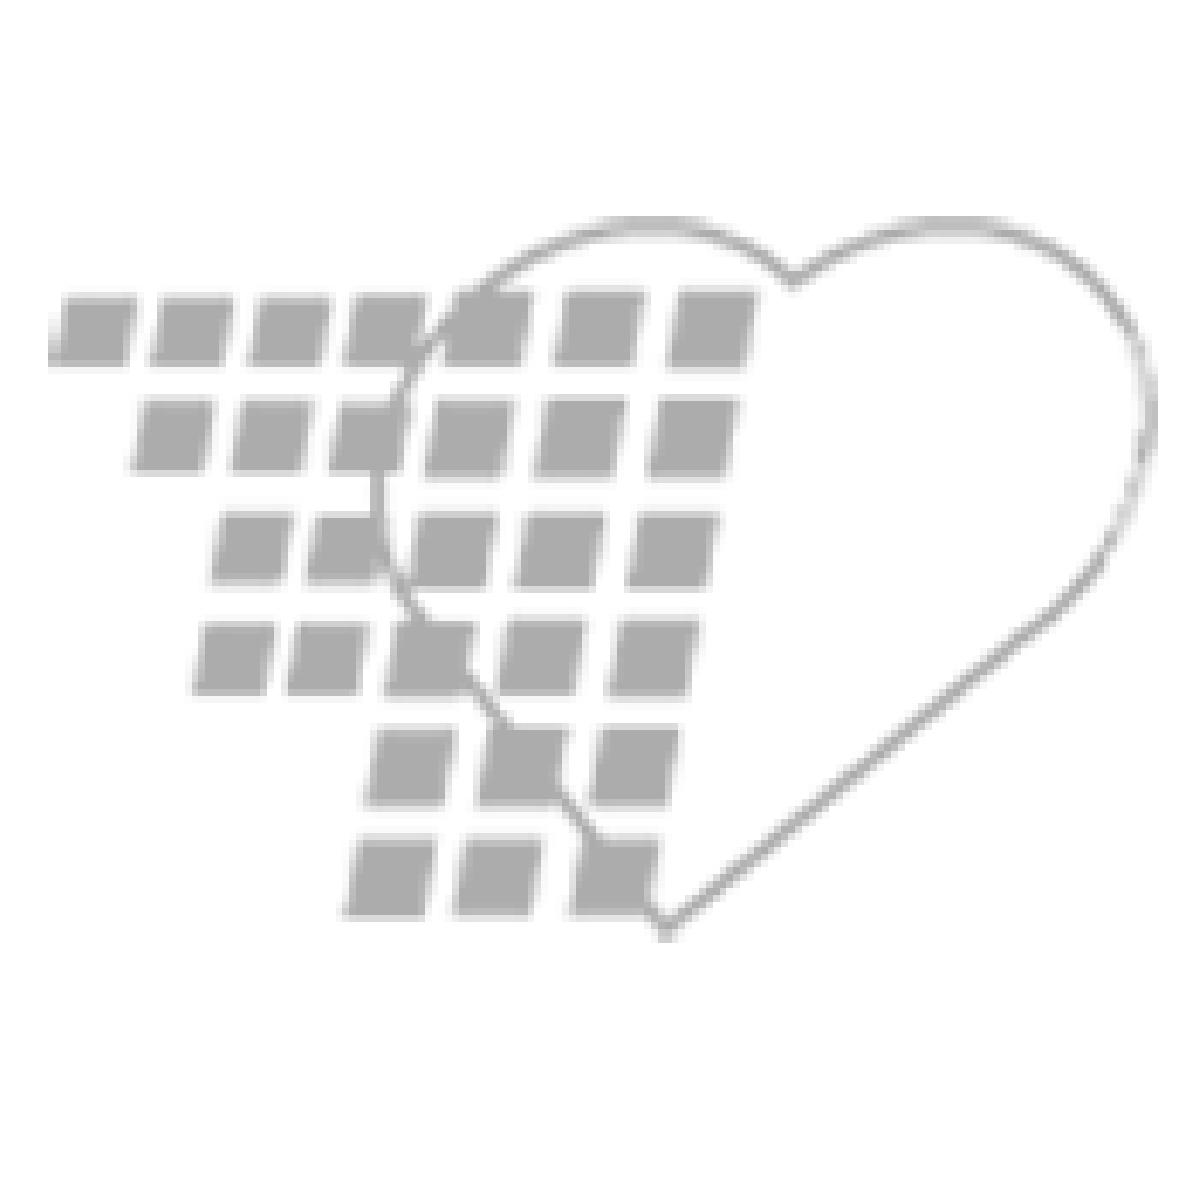 06-93-1000-100ML - Demo Dose® 5% Dextros IV Fluid 100mL